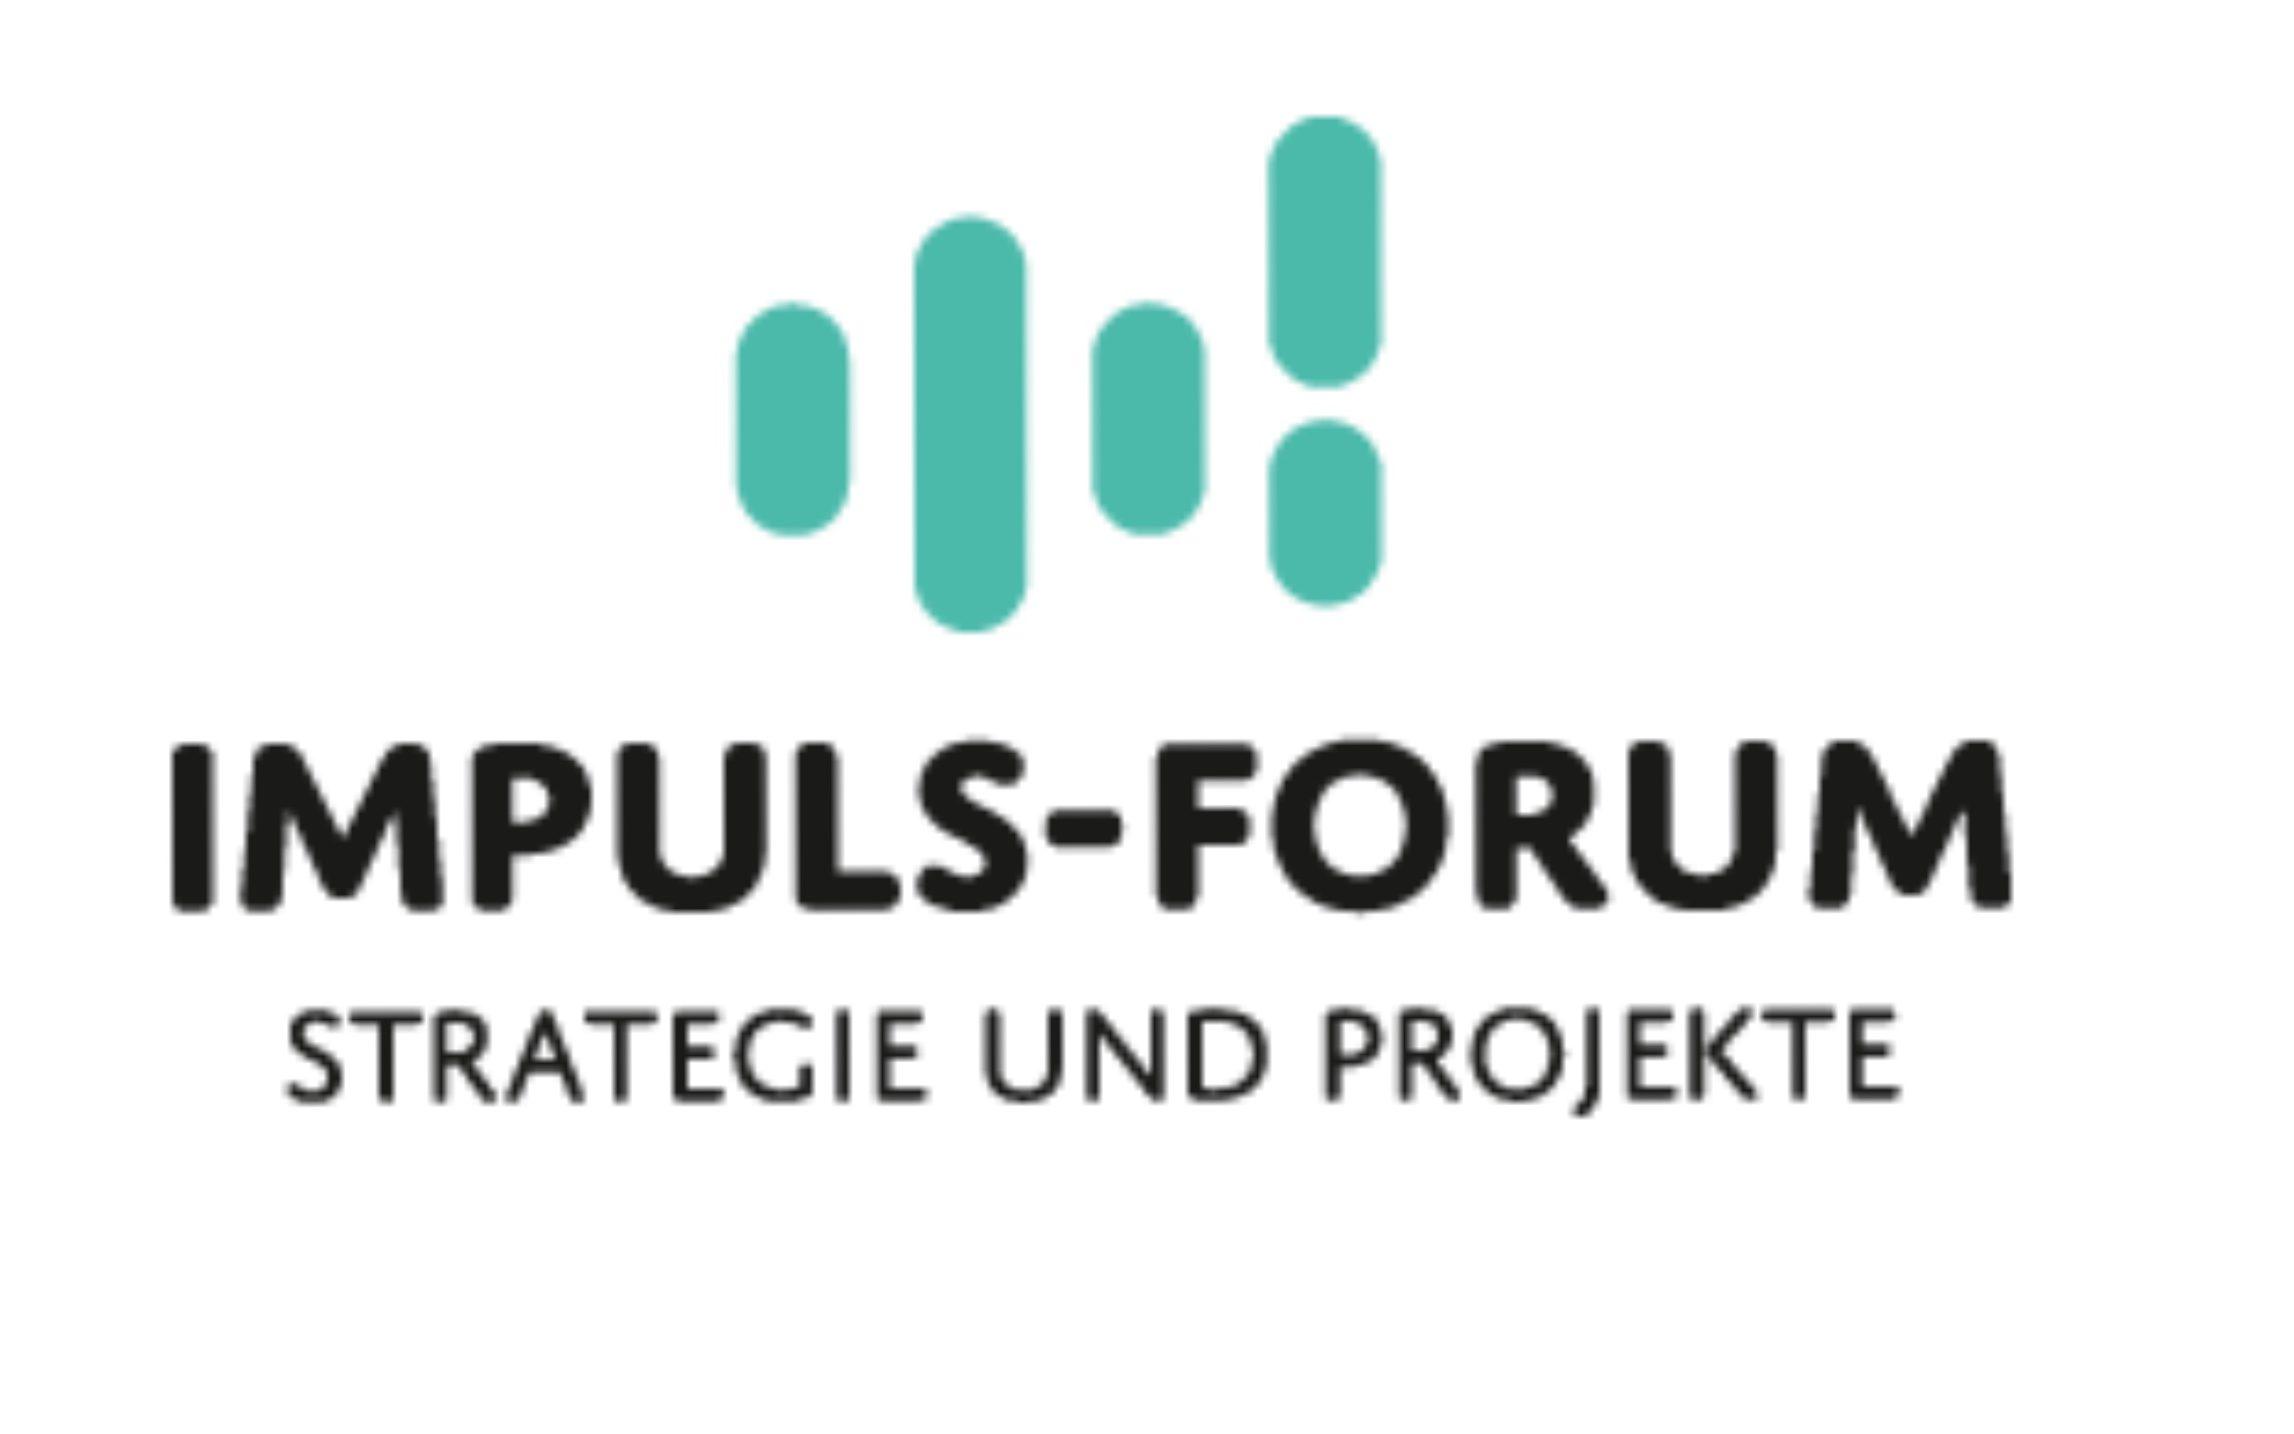 Impuls-Forum 2019